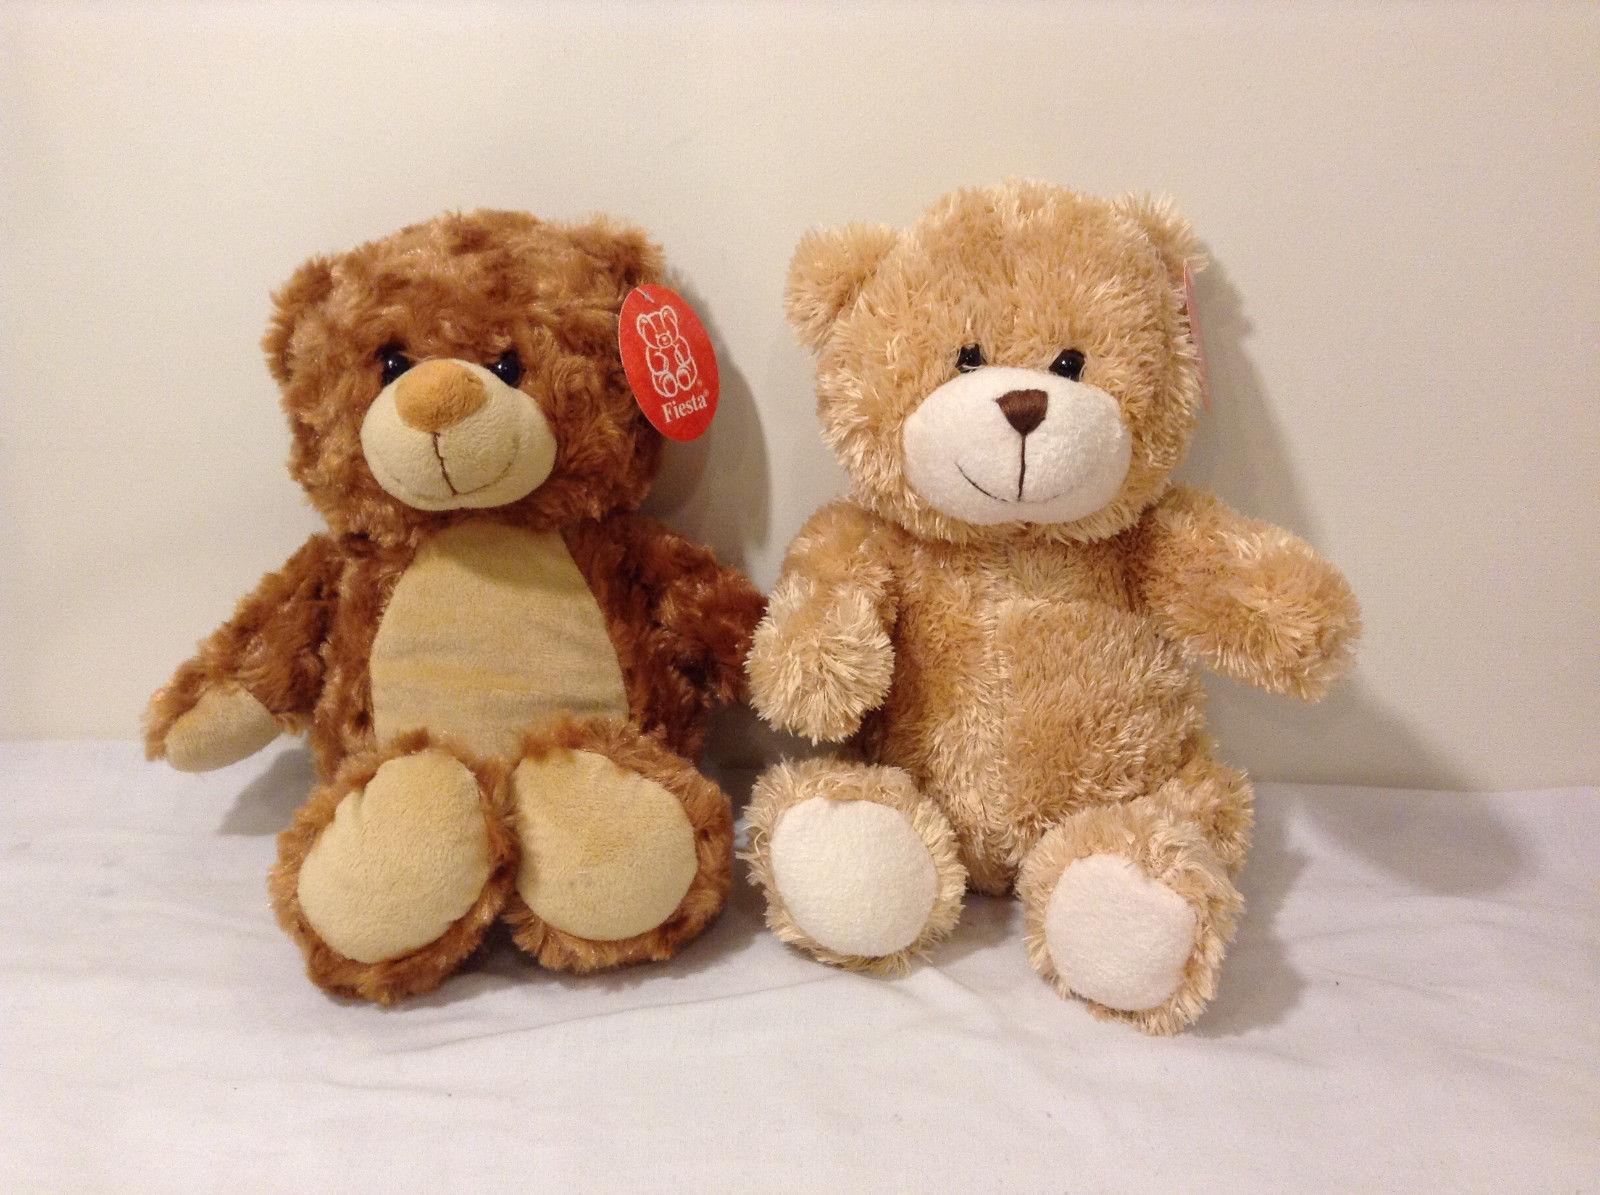 Set of 2 Fiesta Teddy Bear Stuffed Animals Caramel Light Golden Brown Plush Shag